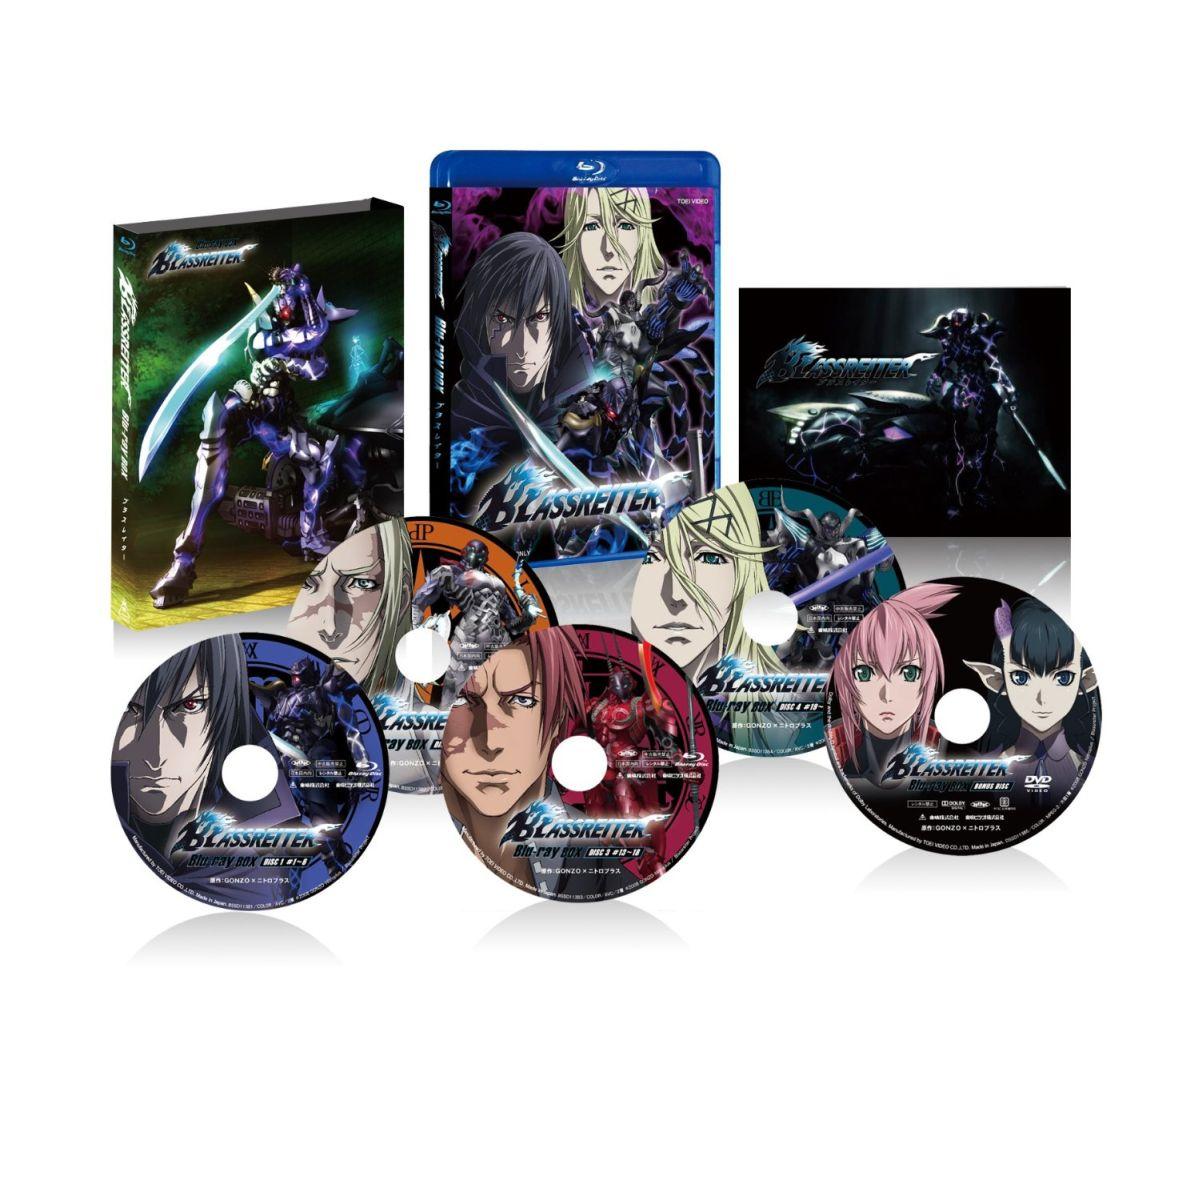 ブラスレイター Blu-ray BOX【Blu-ray】画像